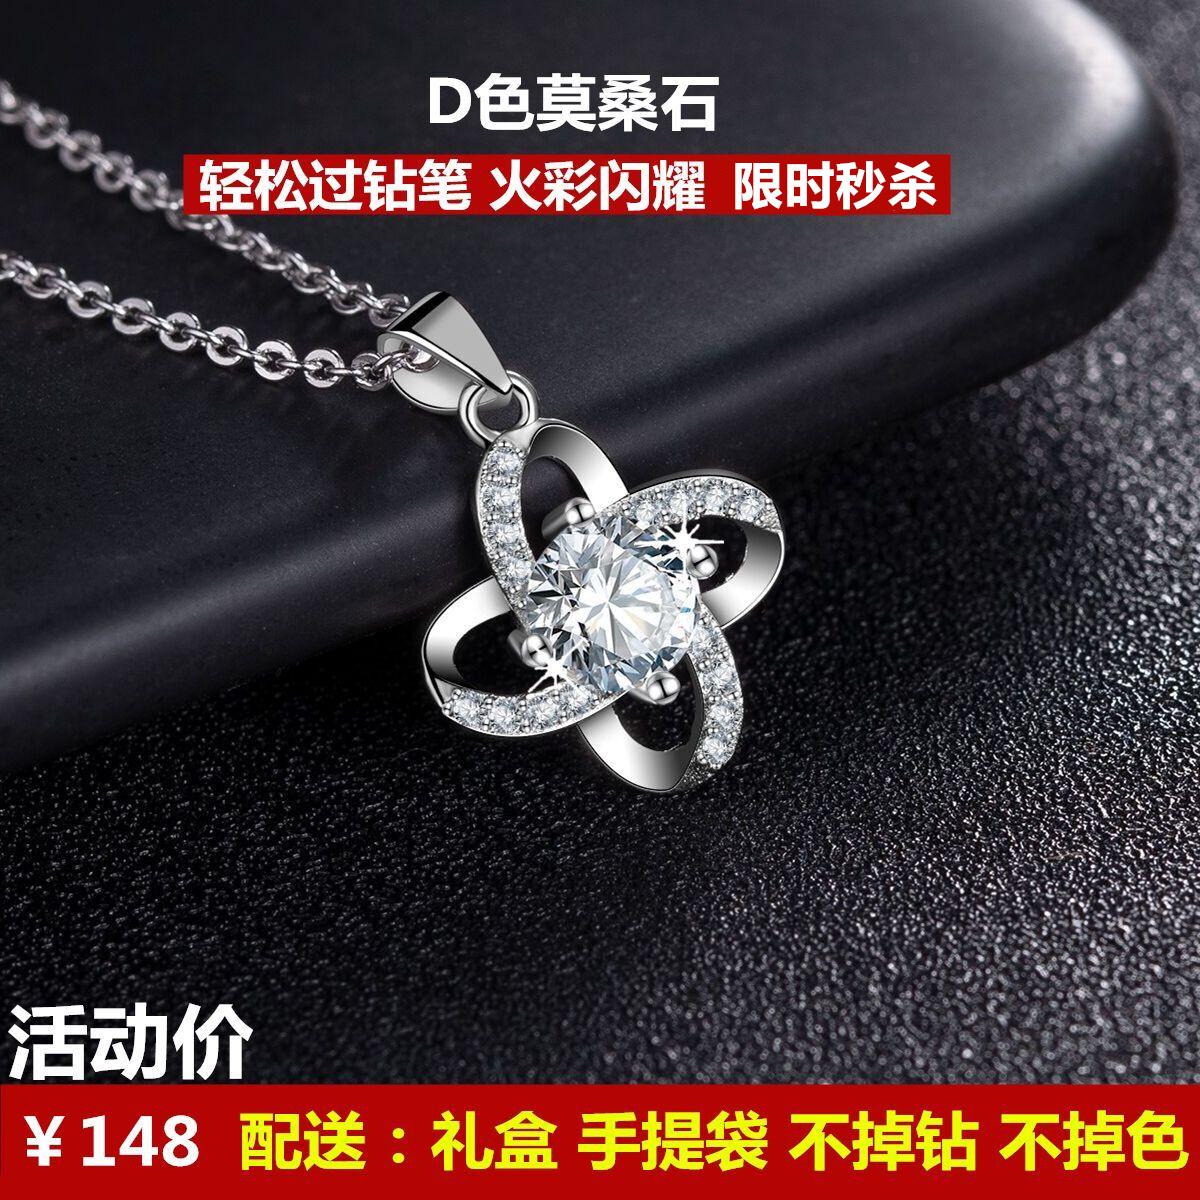 直播抖音s925纯银项链女D色莫桑石钻戒指托帕吊坠活口送女友礼物